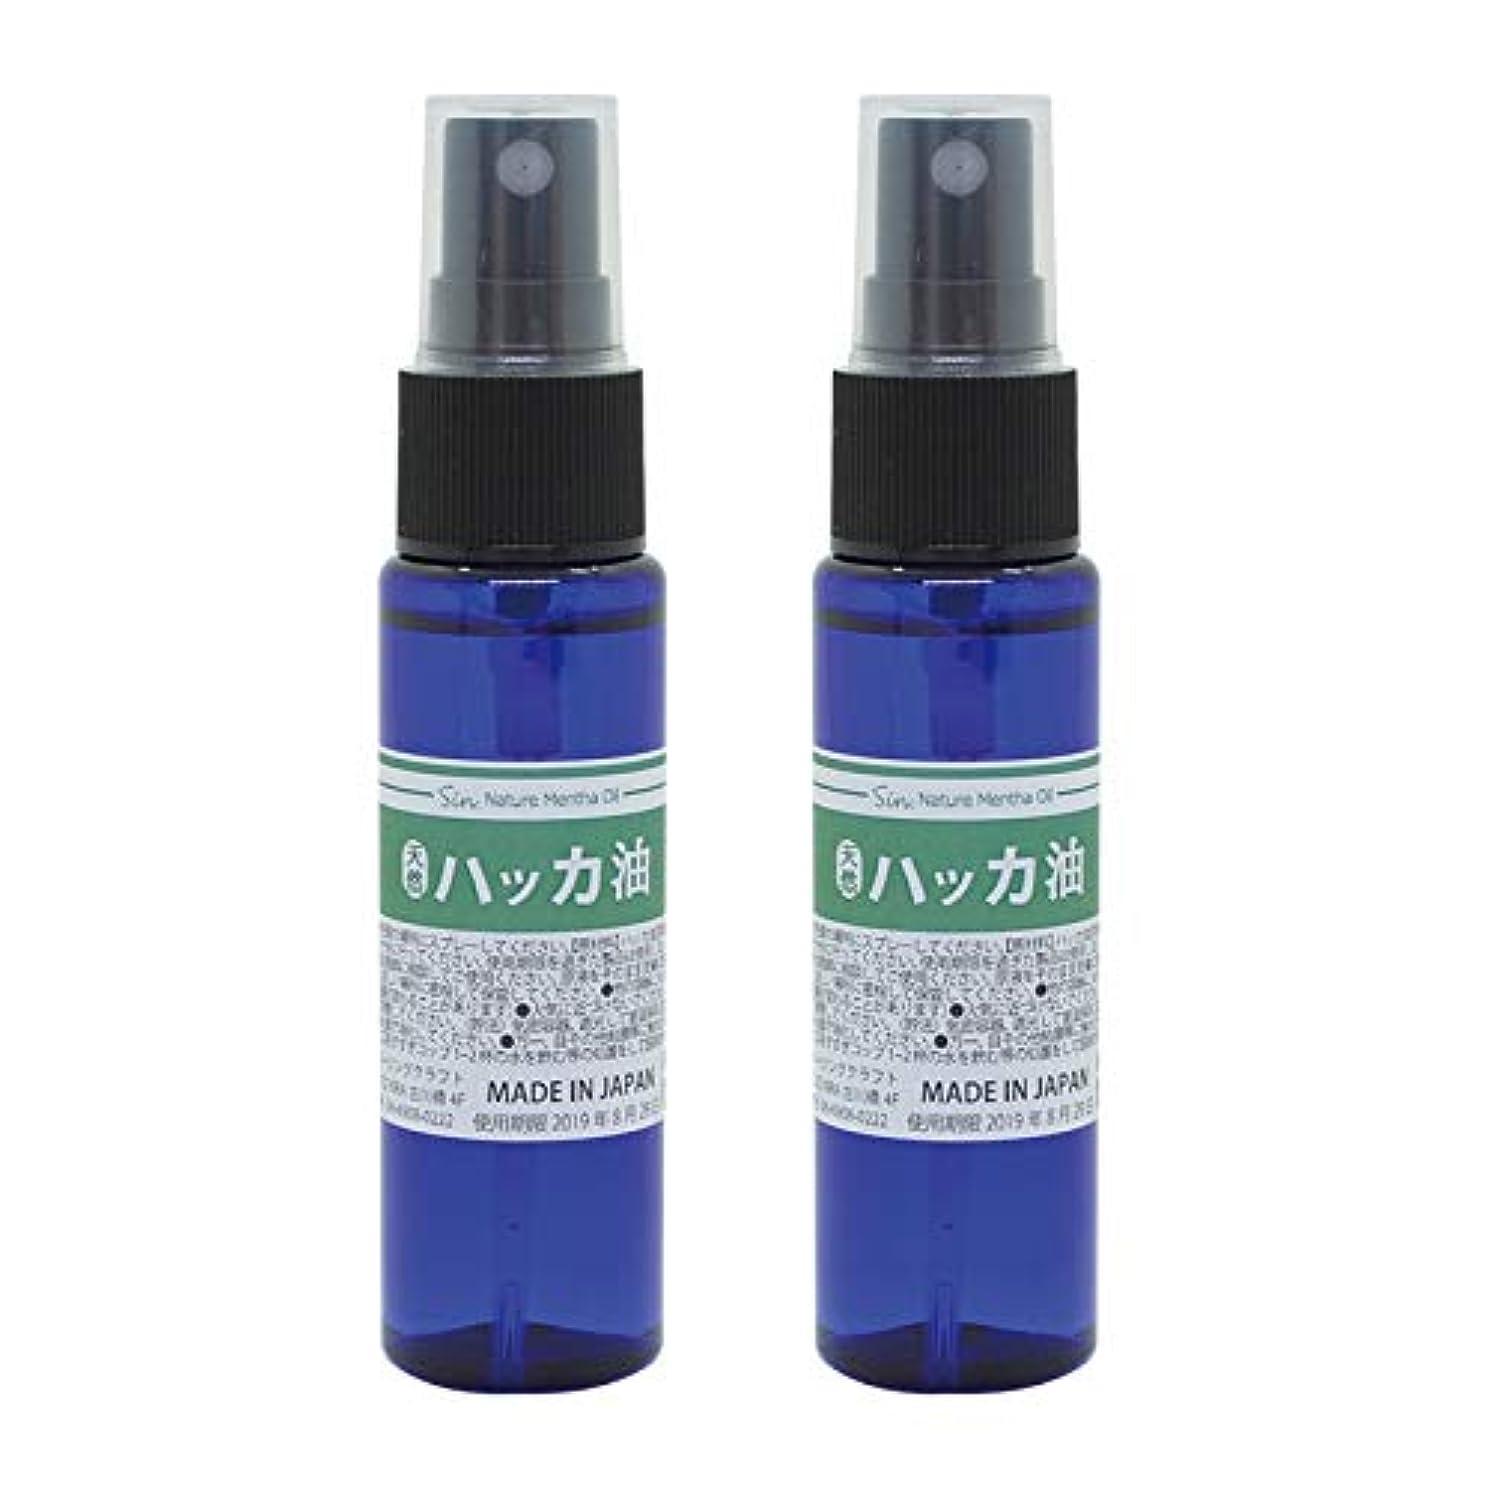 馬鹿叙情的な床を掃除する日本製 天然ハッカ油(ハッカオイル) スプレー 30mL×2本